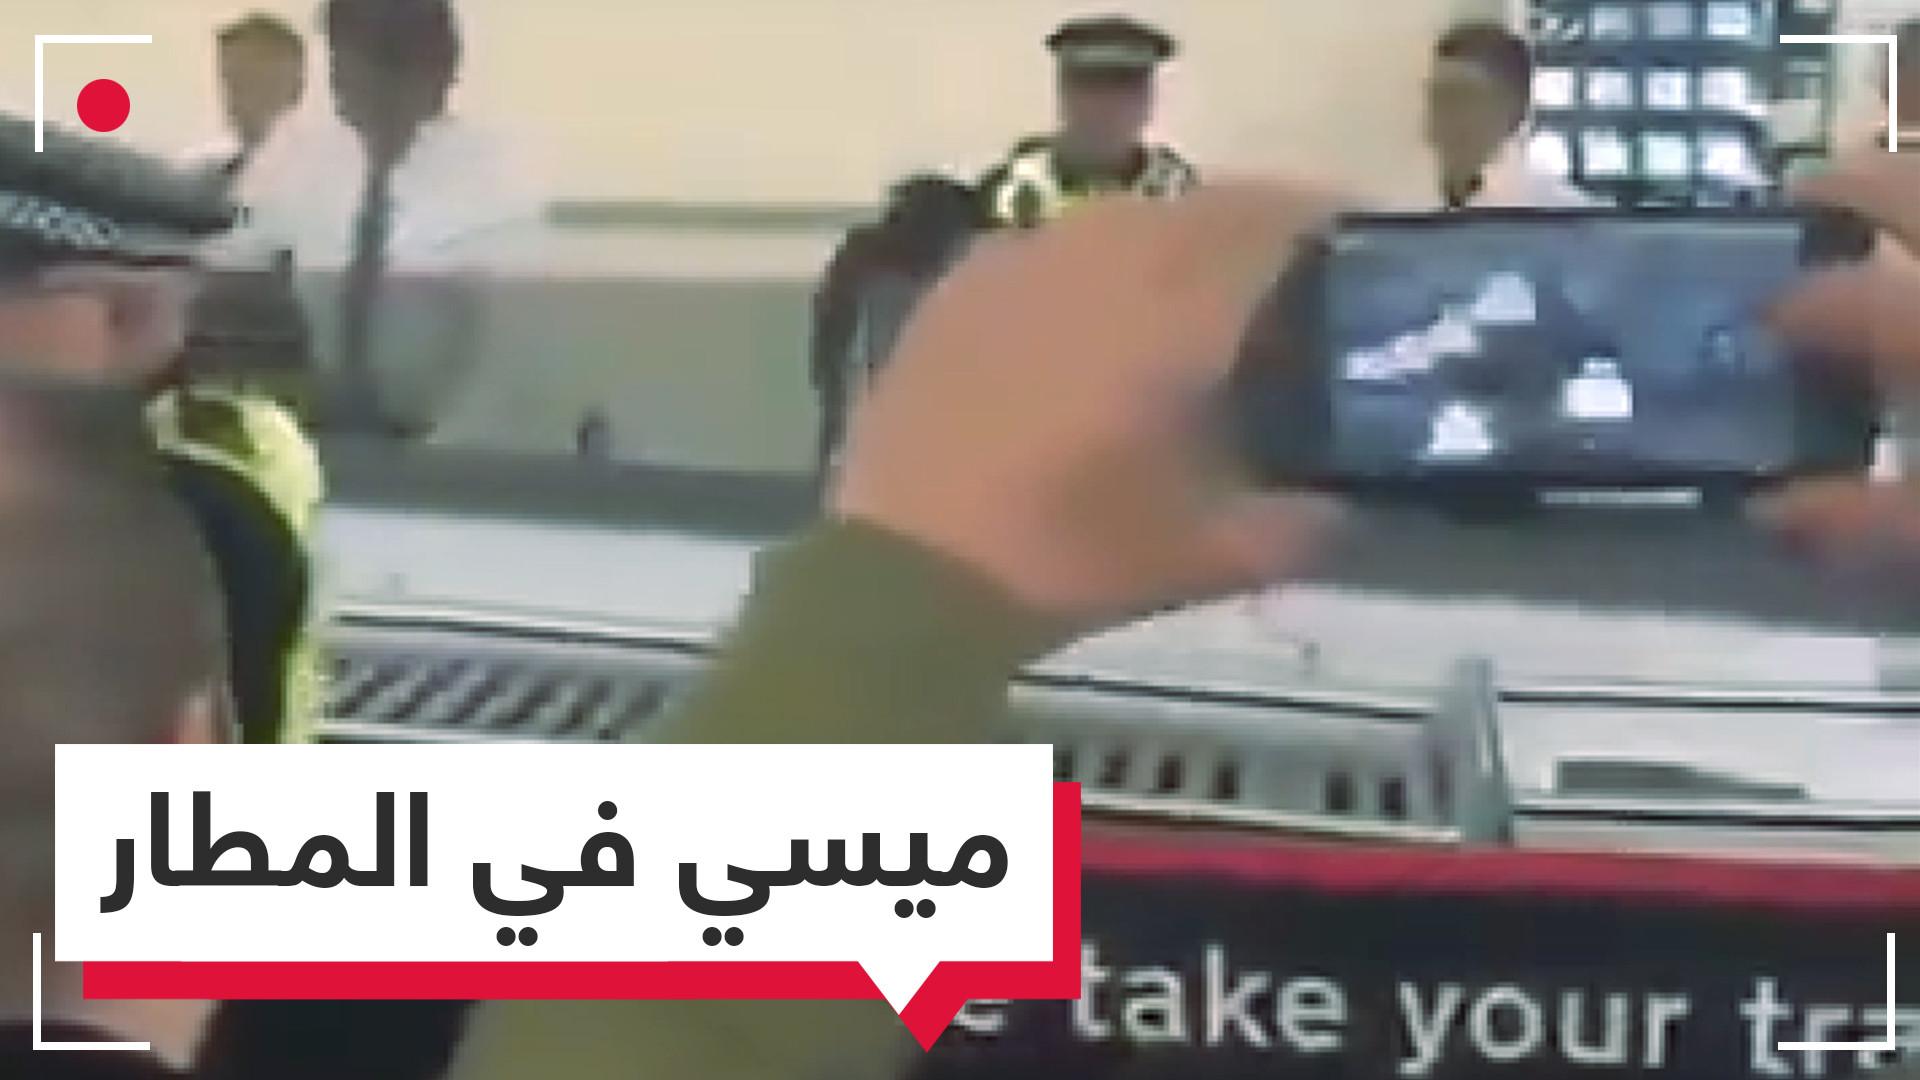 بالصياح والهتافات.. جماهير برشلونة تهاجم ميسي في مطار ليفربول